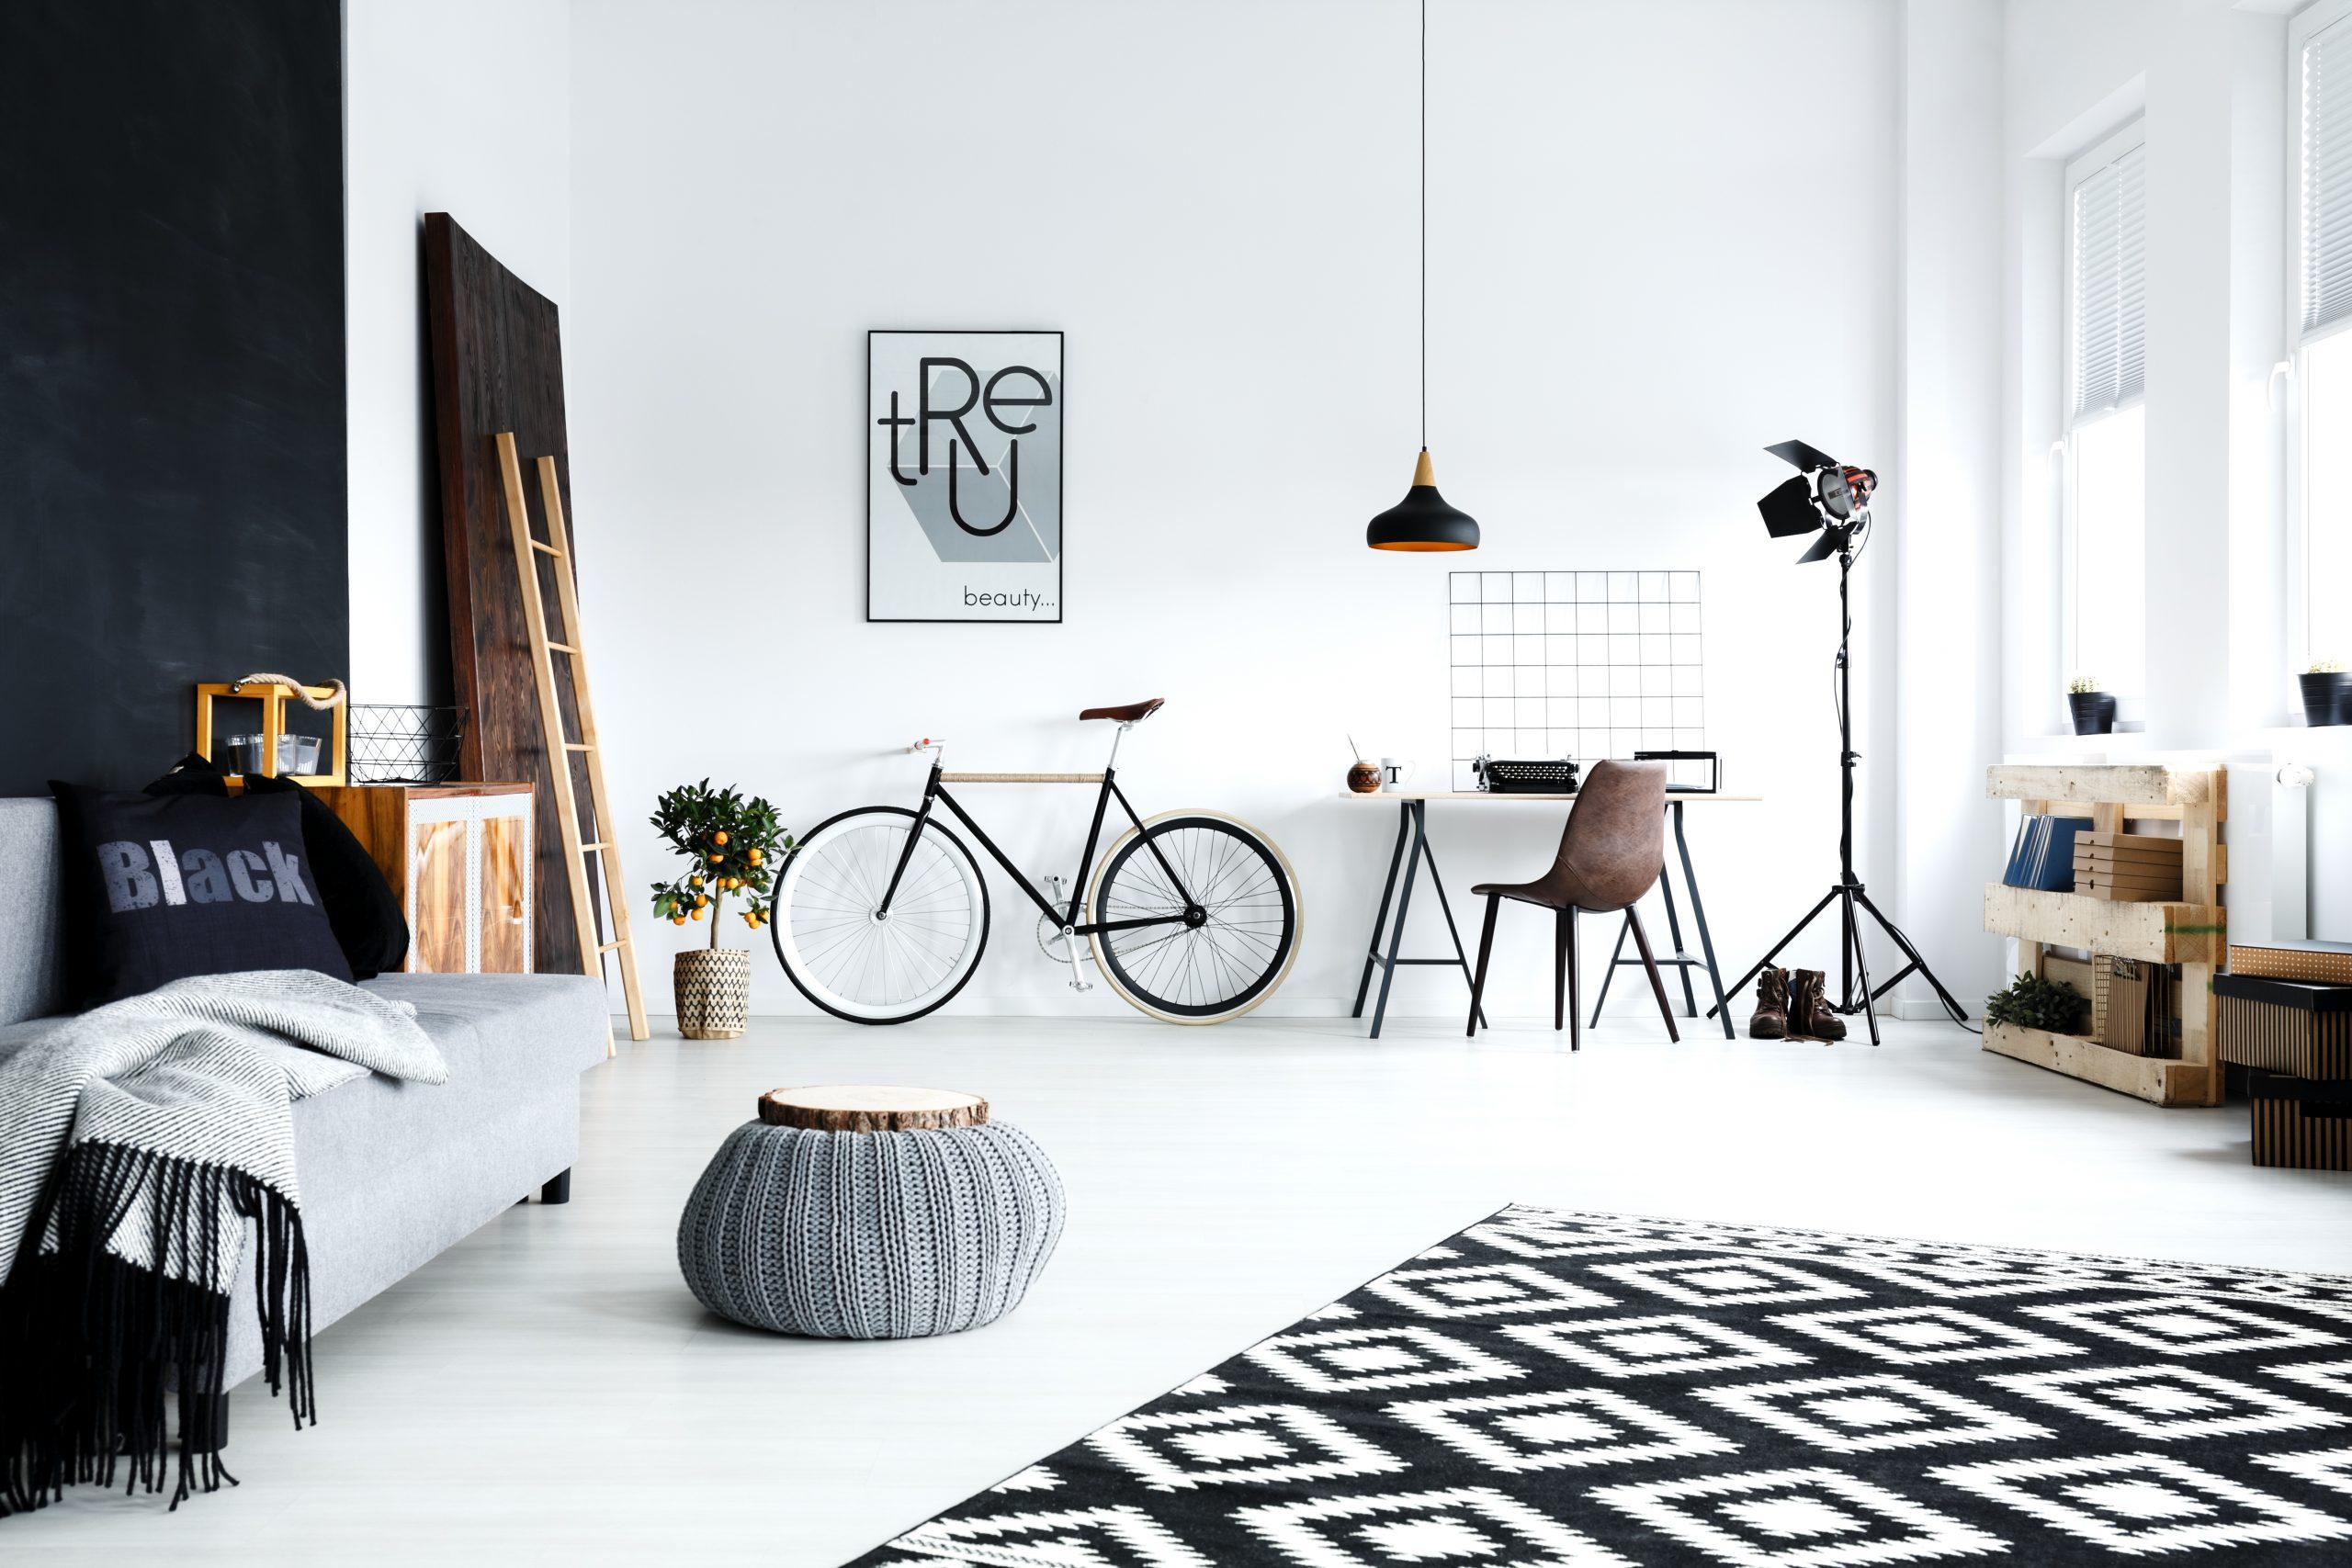 objetos pessoais - bicicleta na decoração